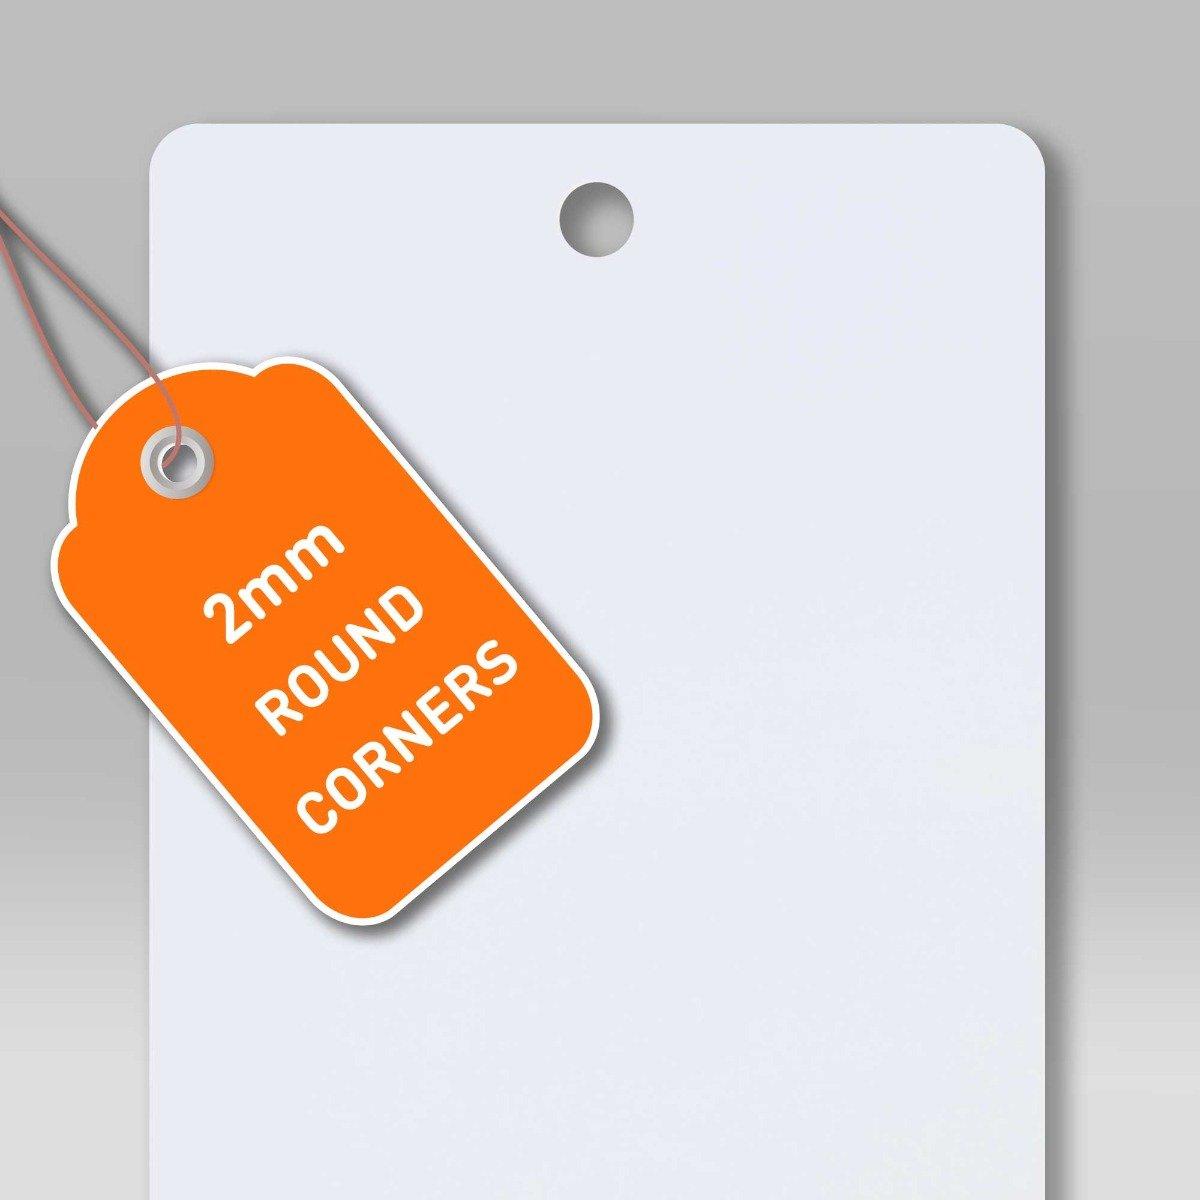 2mm-round-corners